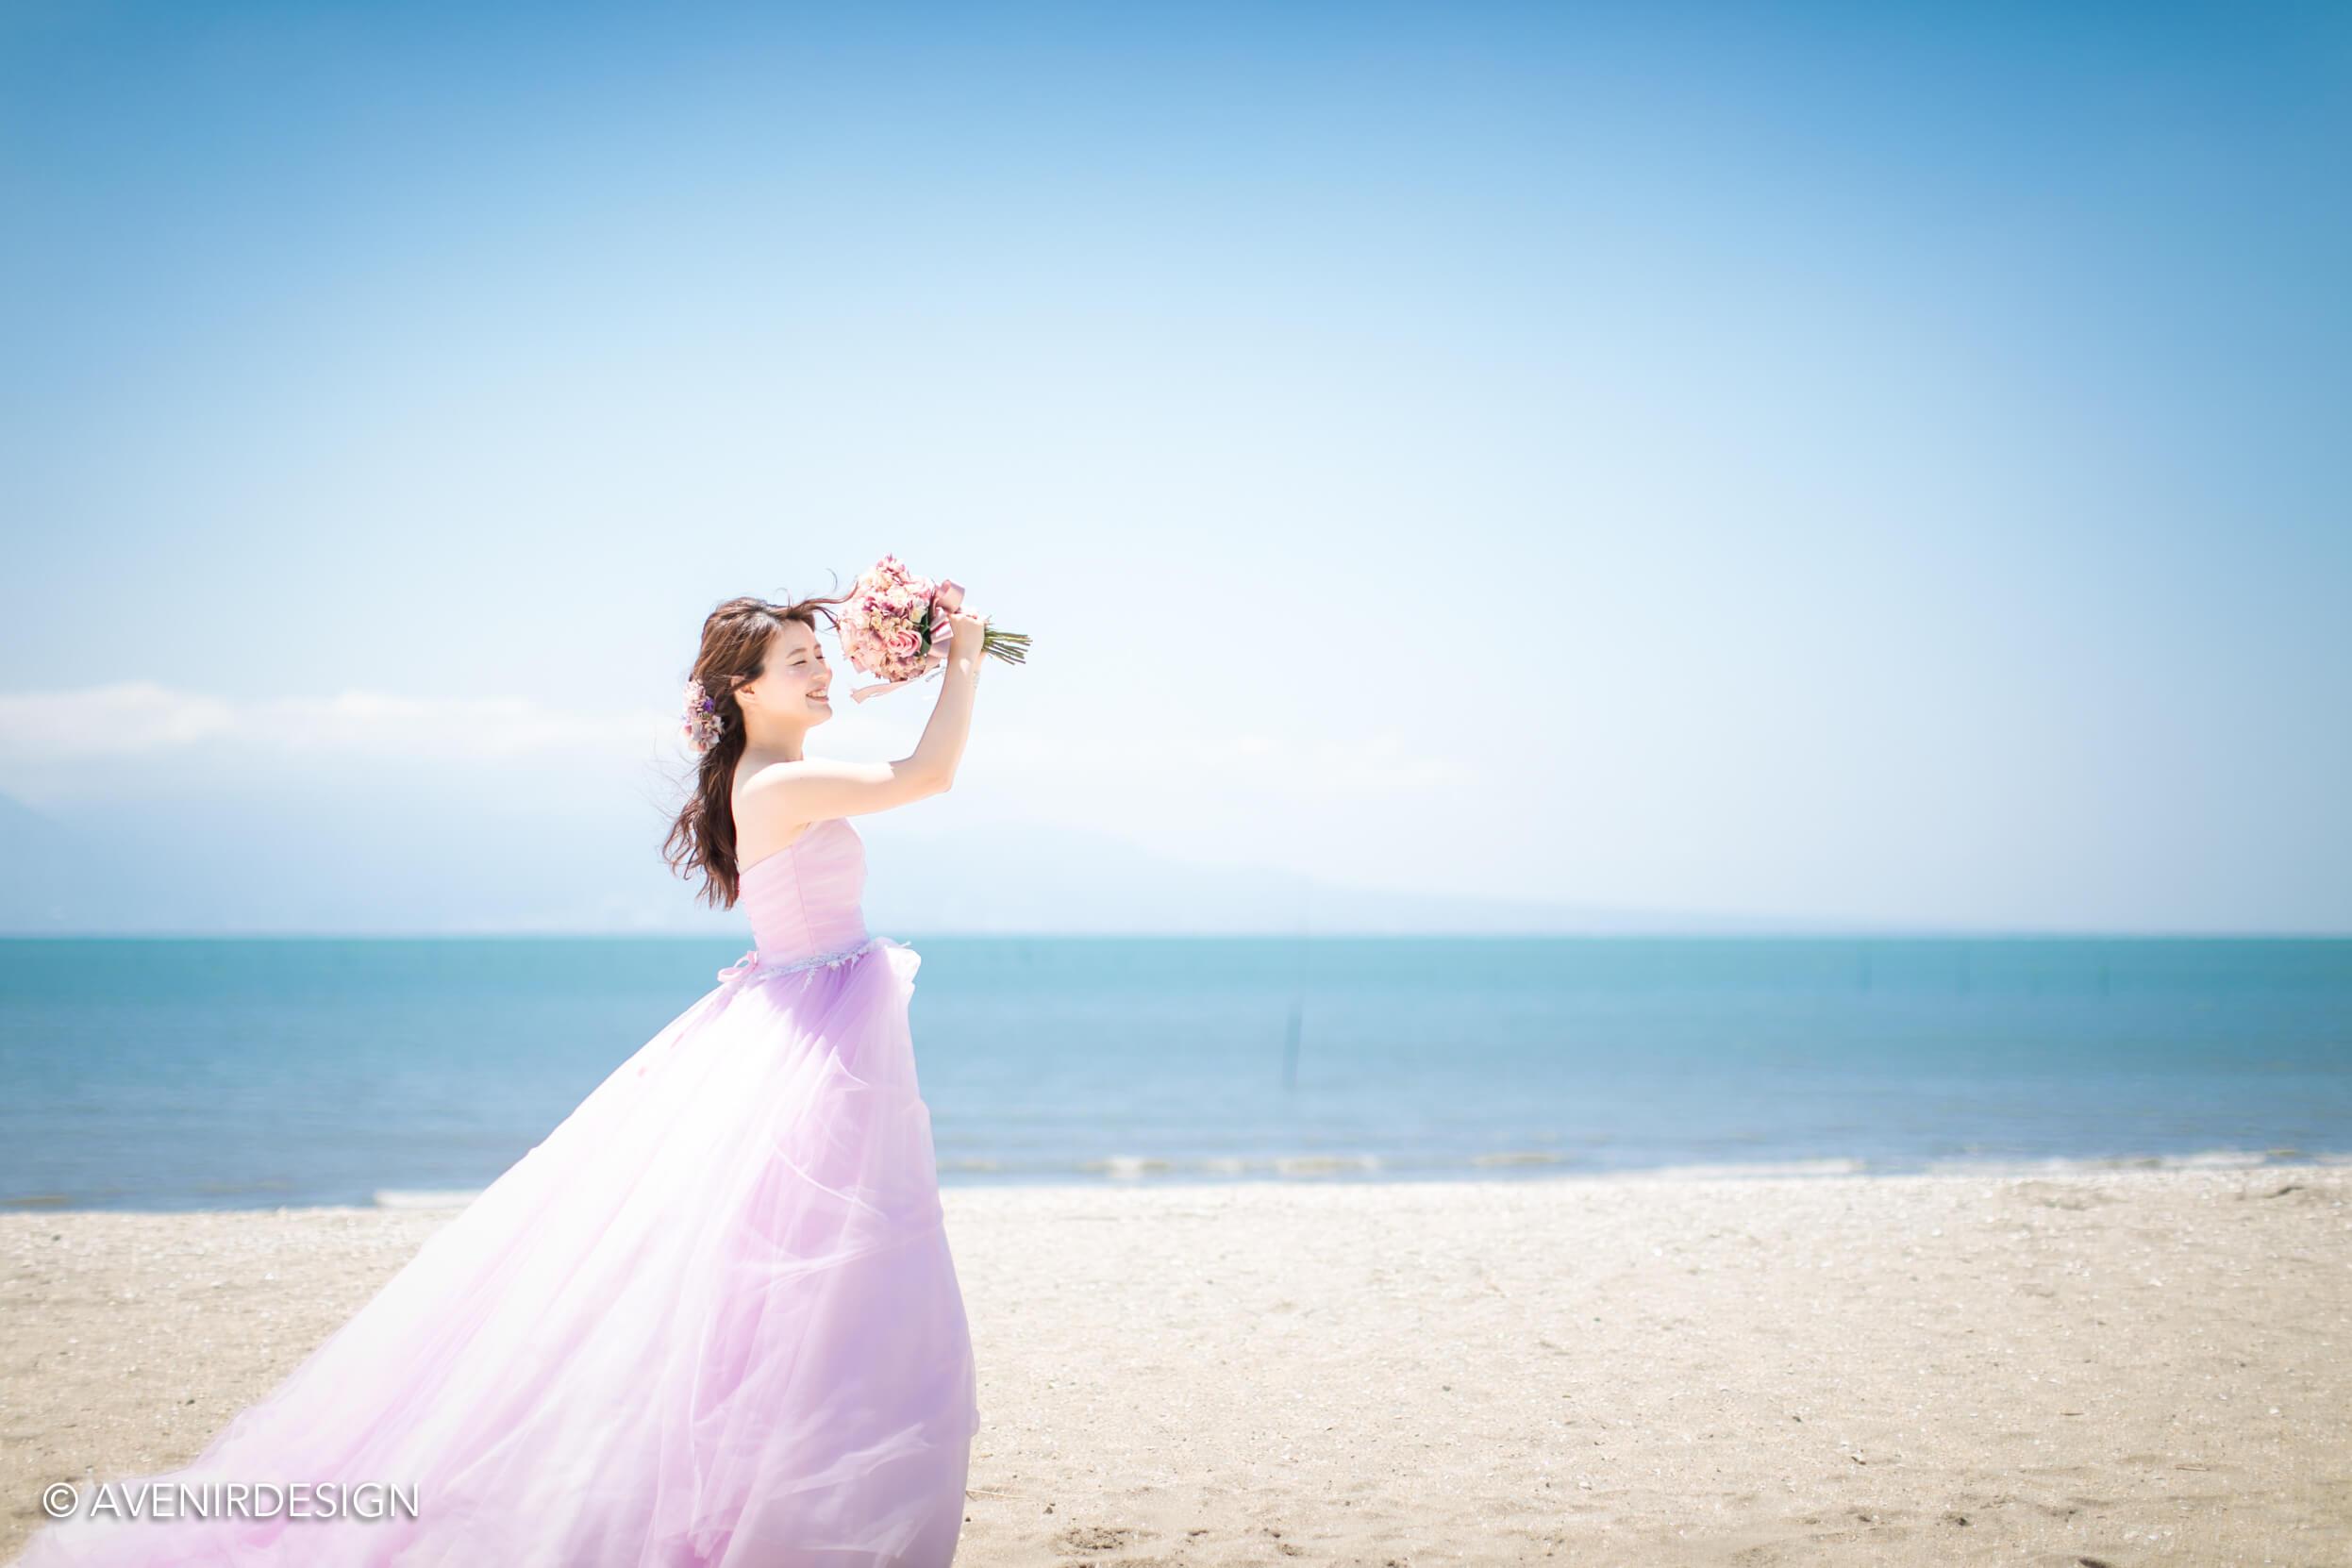 【熊本の結婚式前撮り特設サイト】で人気のプランが選ばれてます*